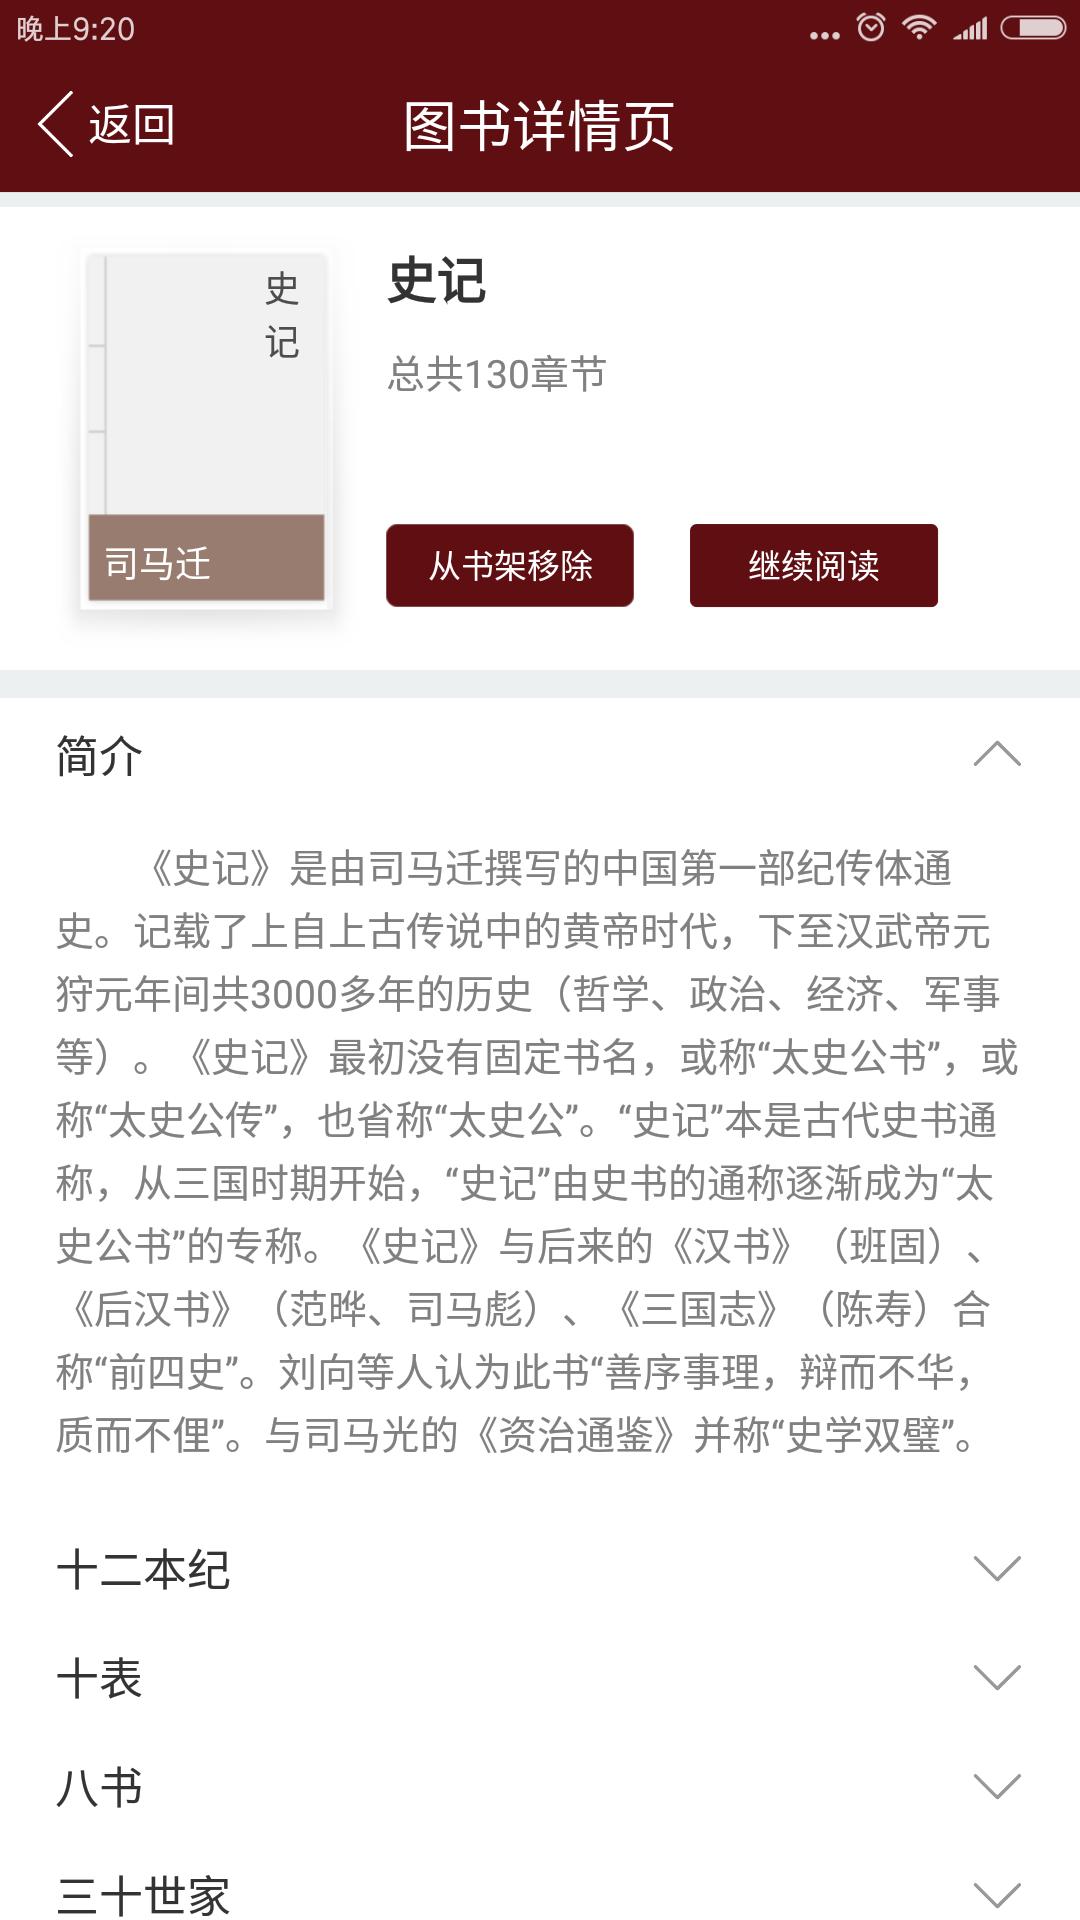 塔塔语文 V1.2.3 安卓版截图2